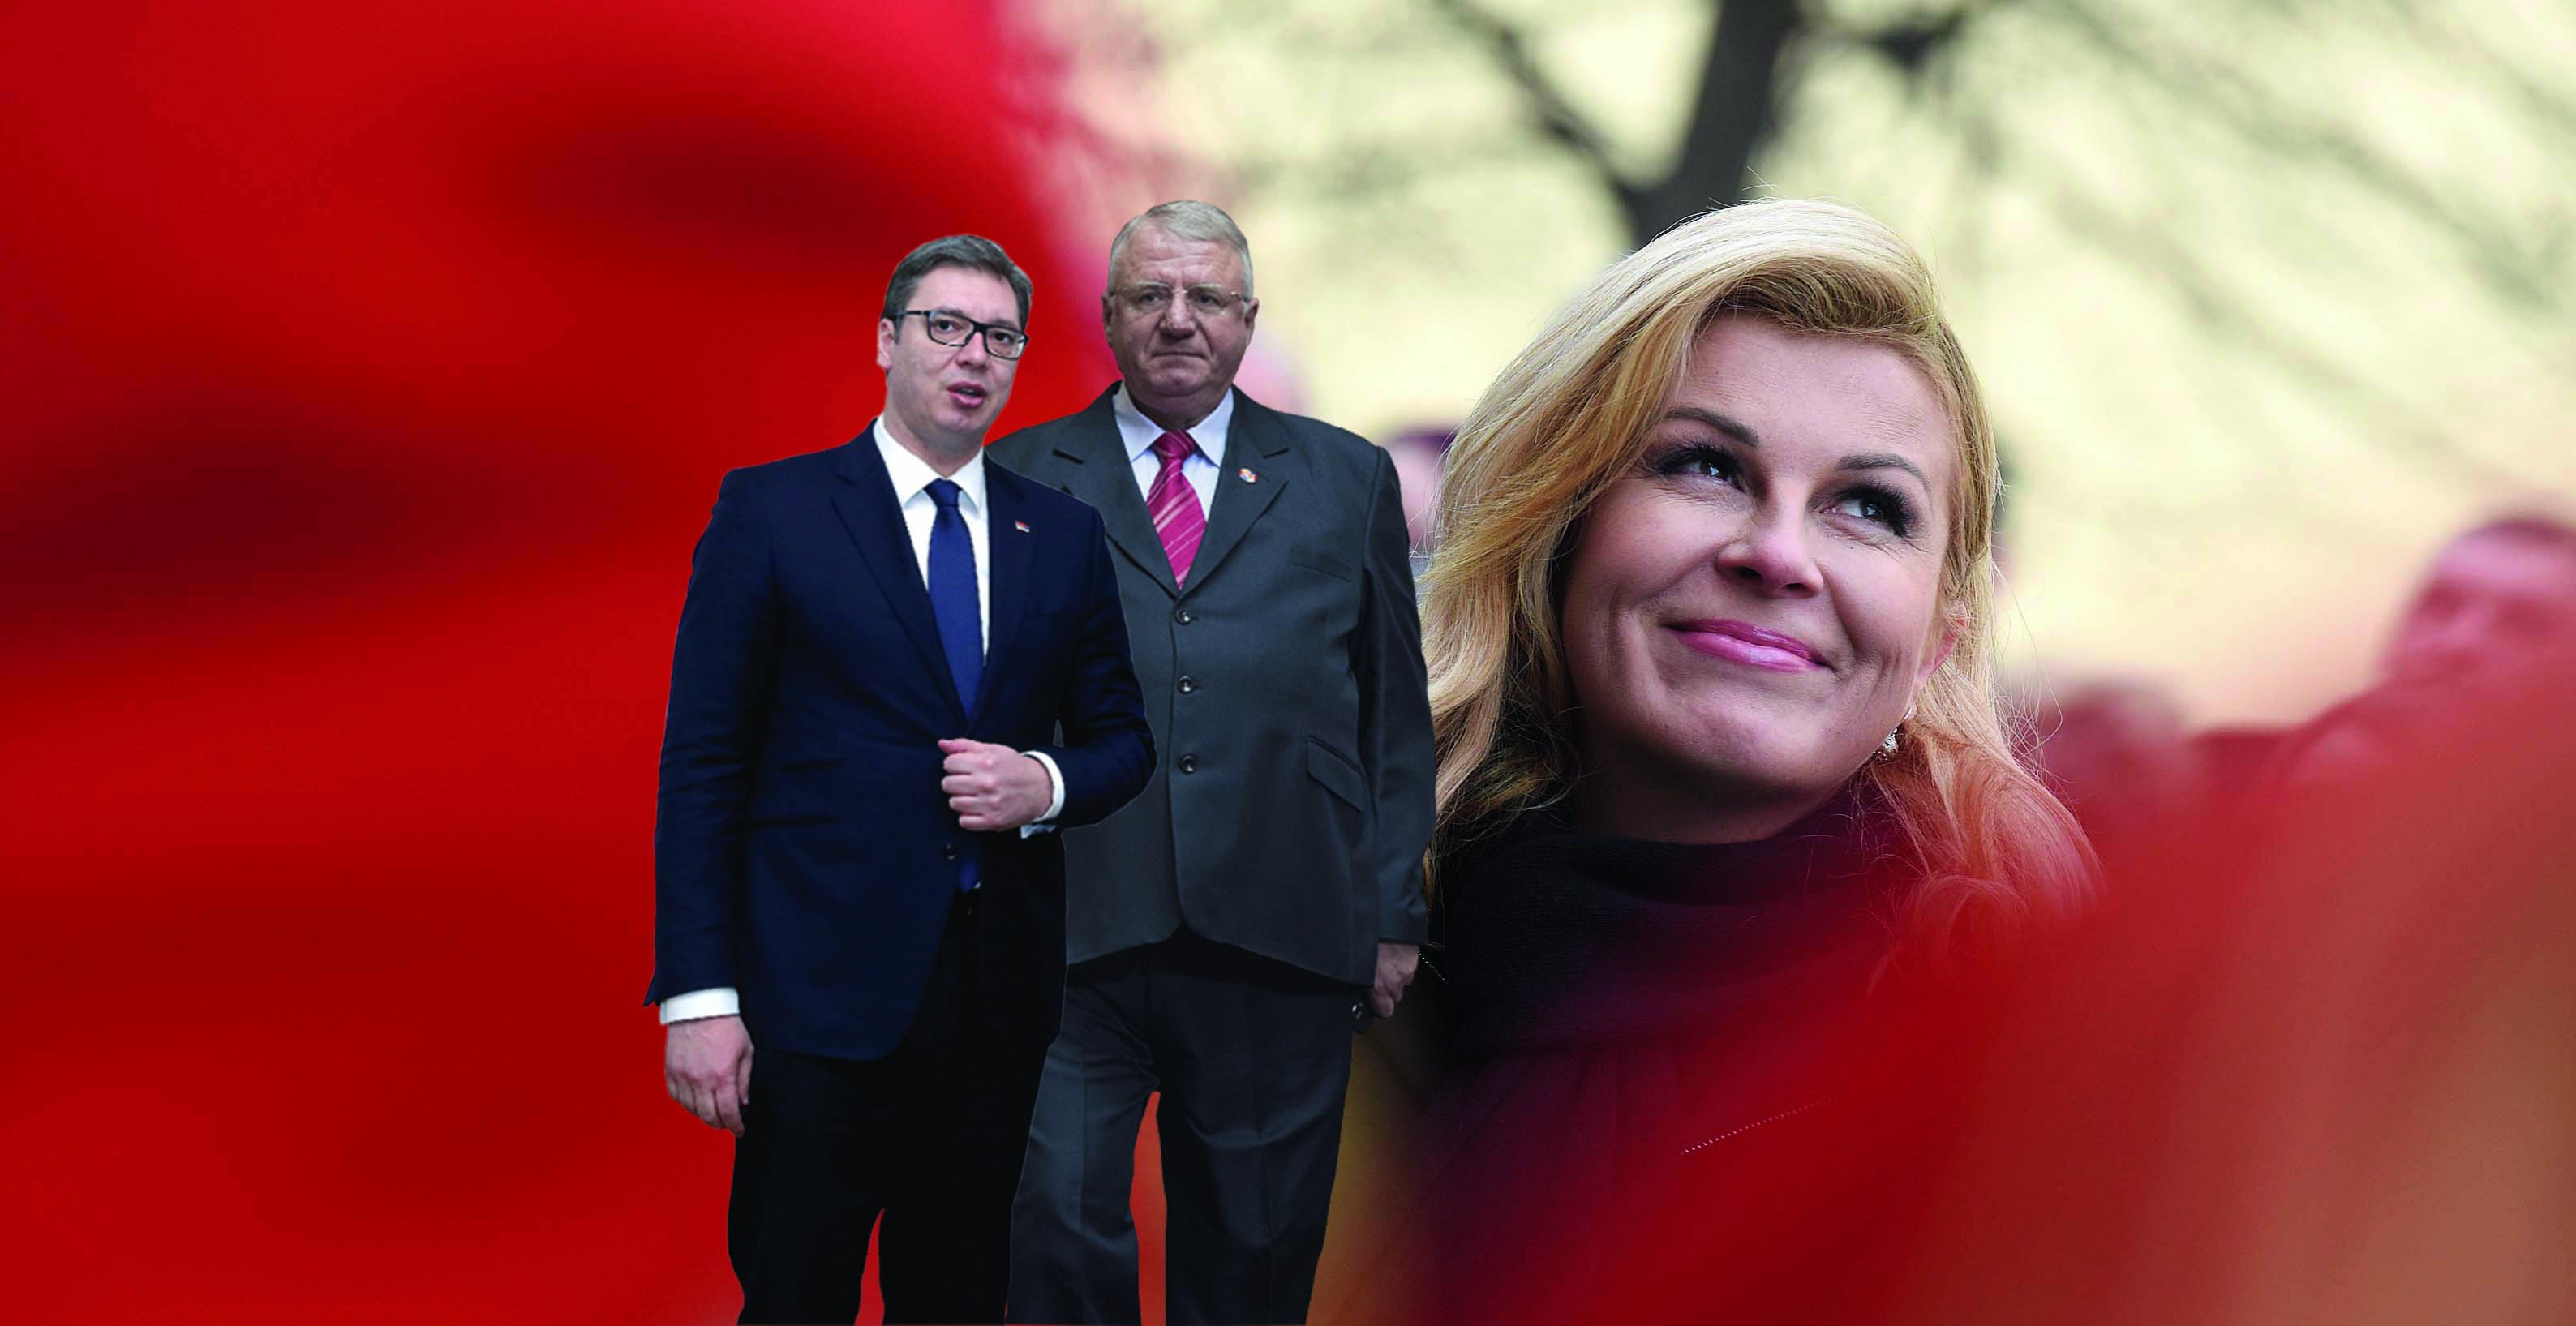 EKSKLUZIVNO Kako Šešelj želi kompromitirati hrvatsku predsjednicu